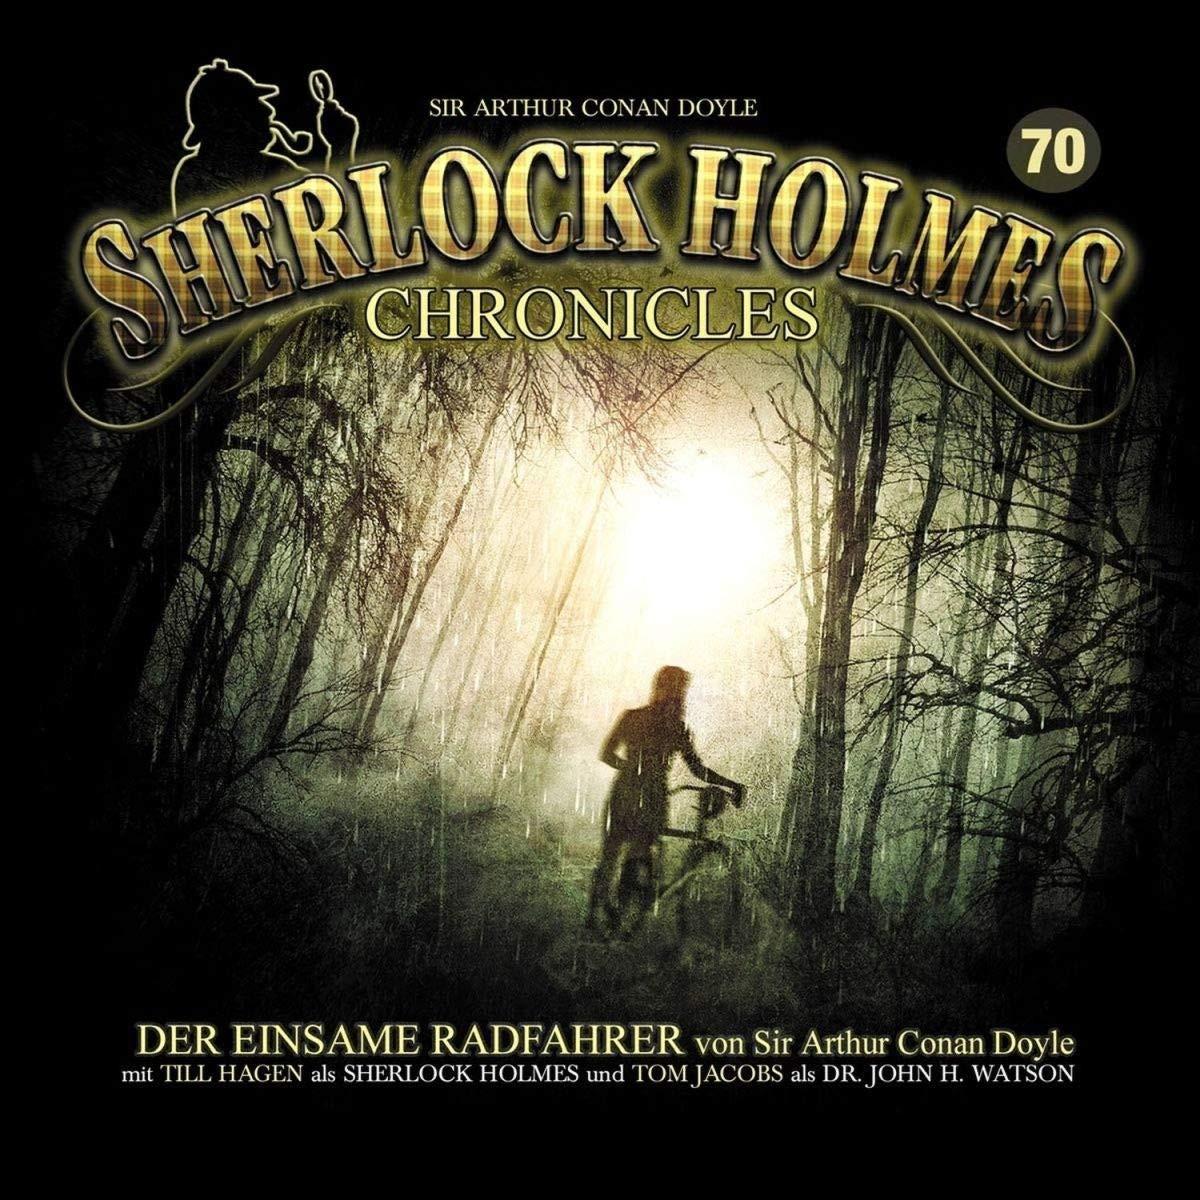 Sherlock Holmes Chronicles 70 Der einsame Radfahrer